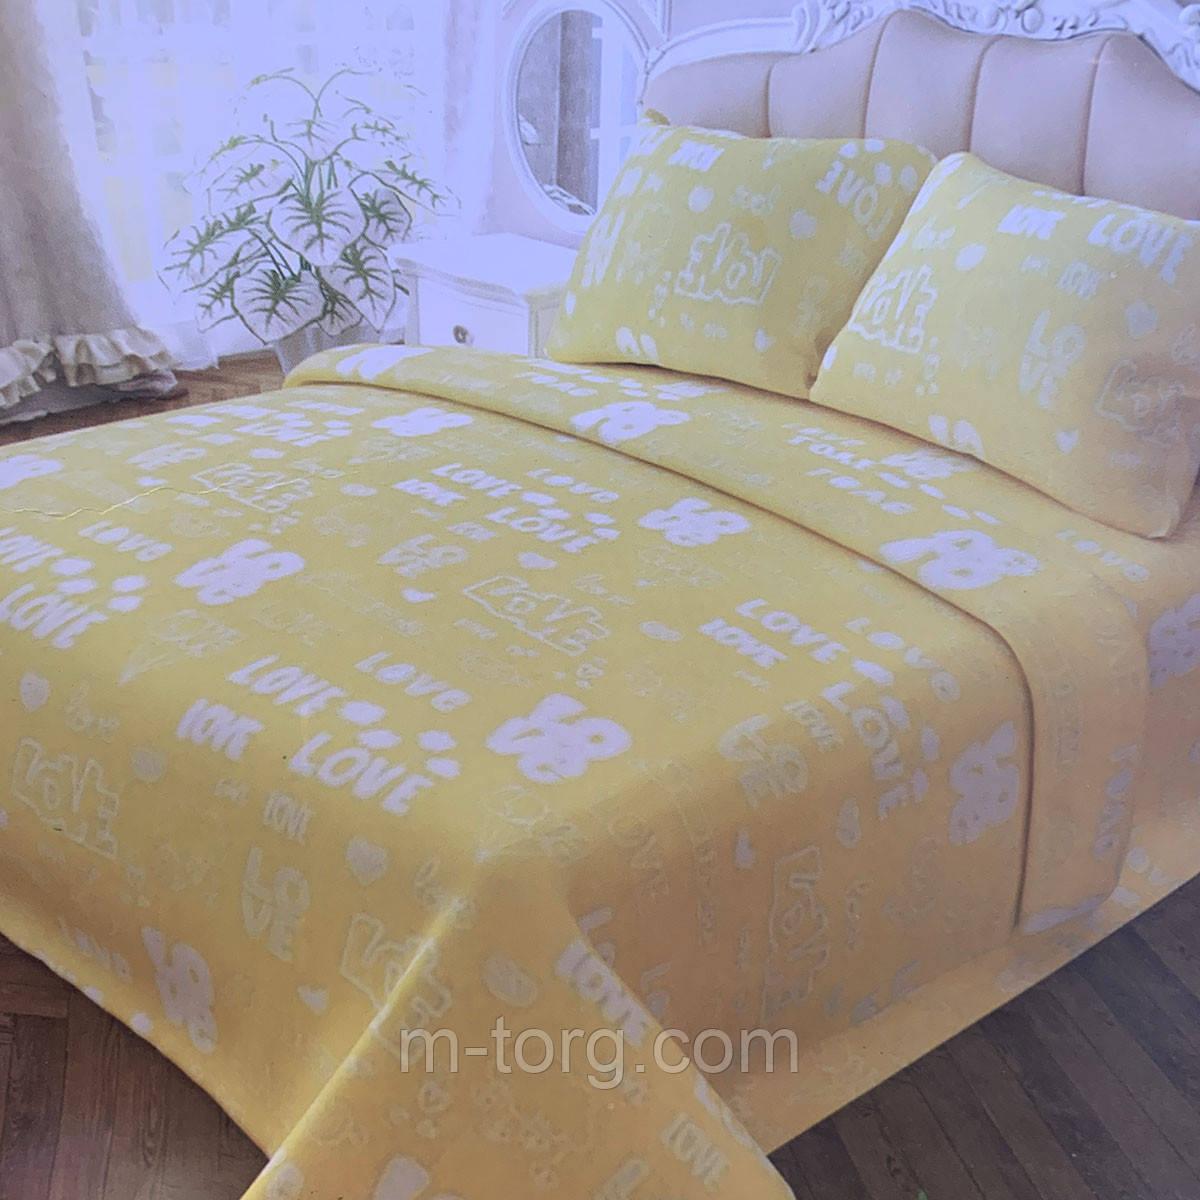 Комплект постільної білизни полуторний 150/210 см, нав-ки 70/70, тканина сатин, 100% складається з бавовни